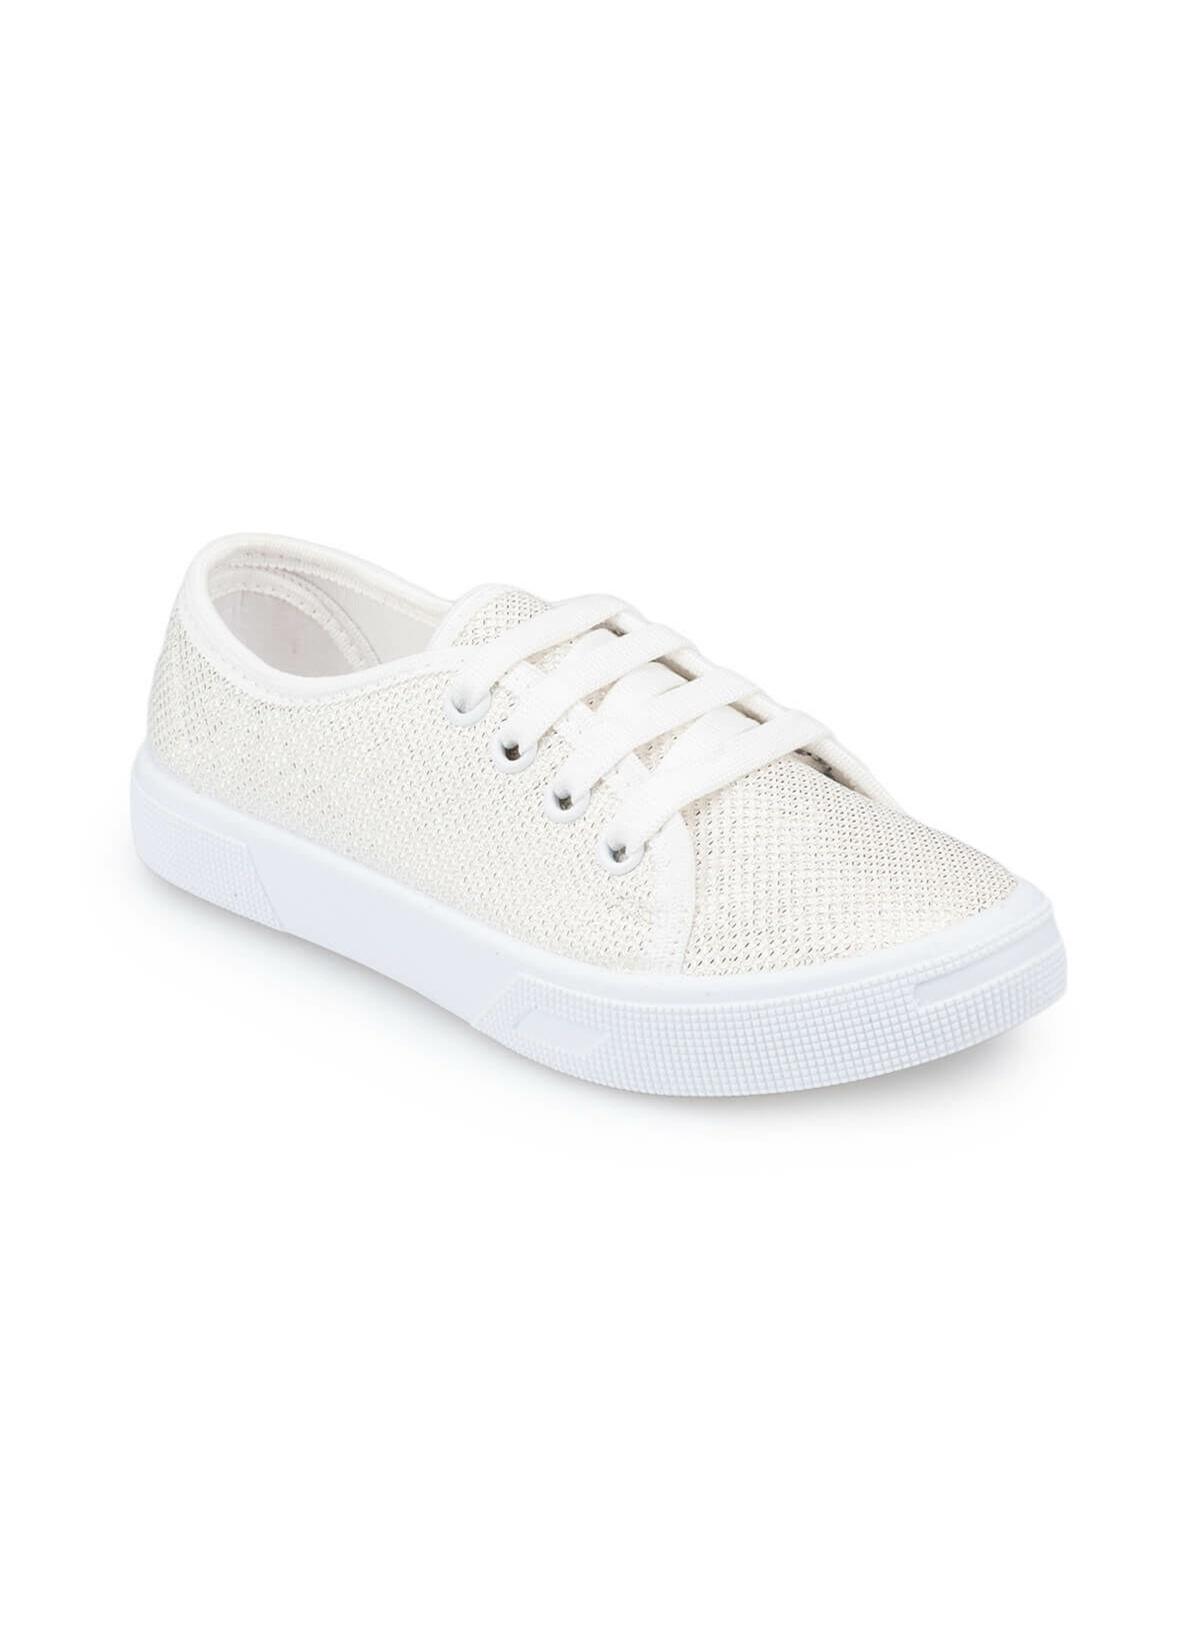 Polaris Ayakkabı 91.509151.f Ayakkabı – 39.99 TL